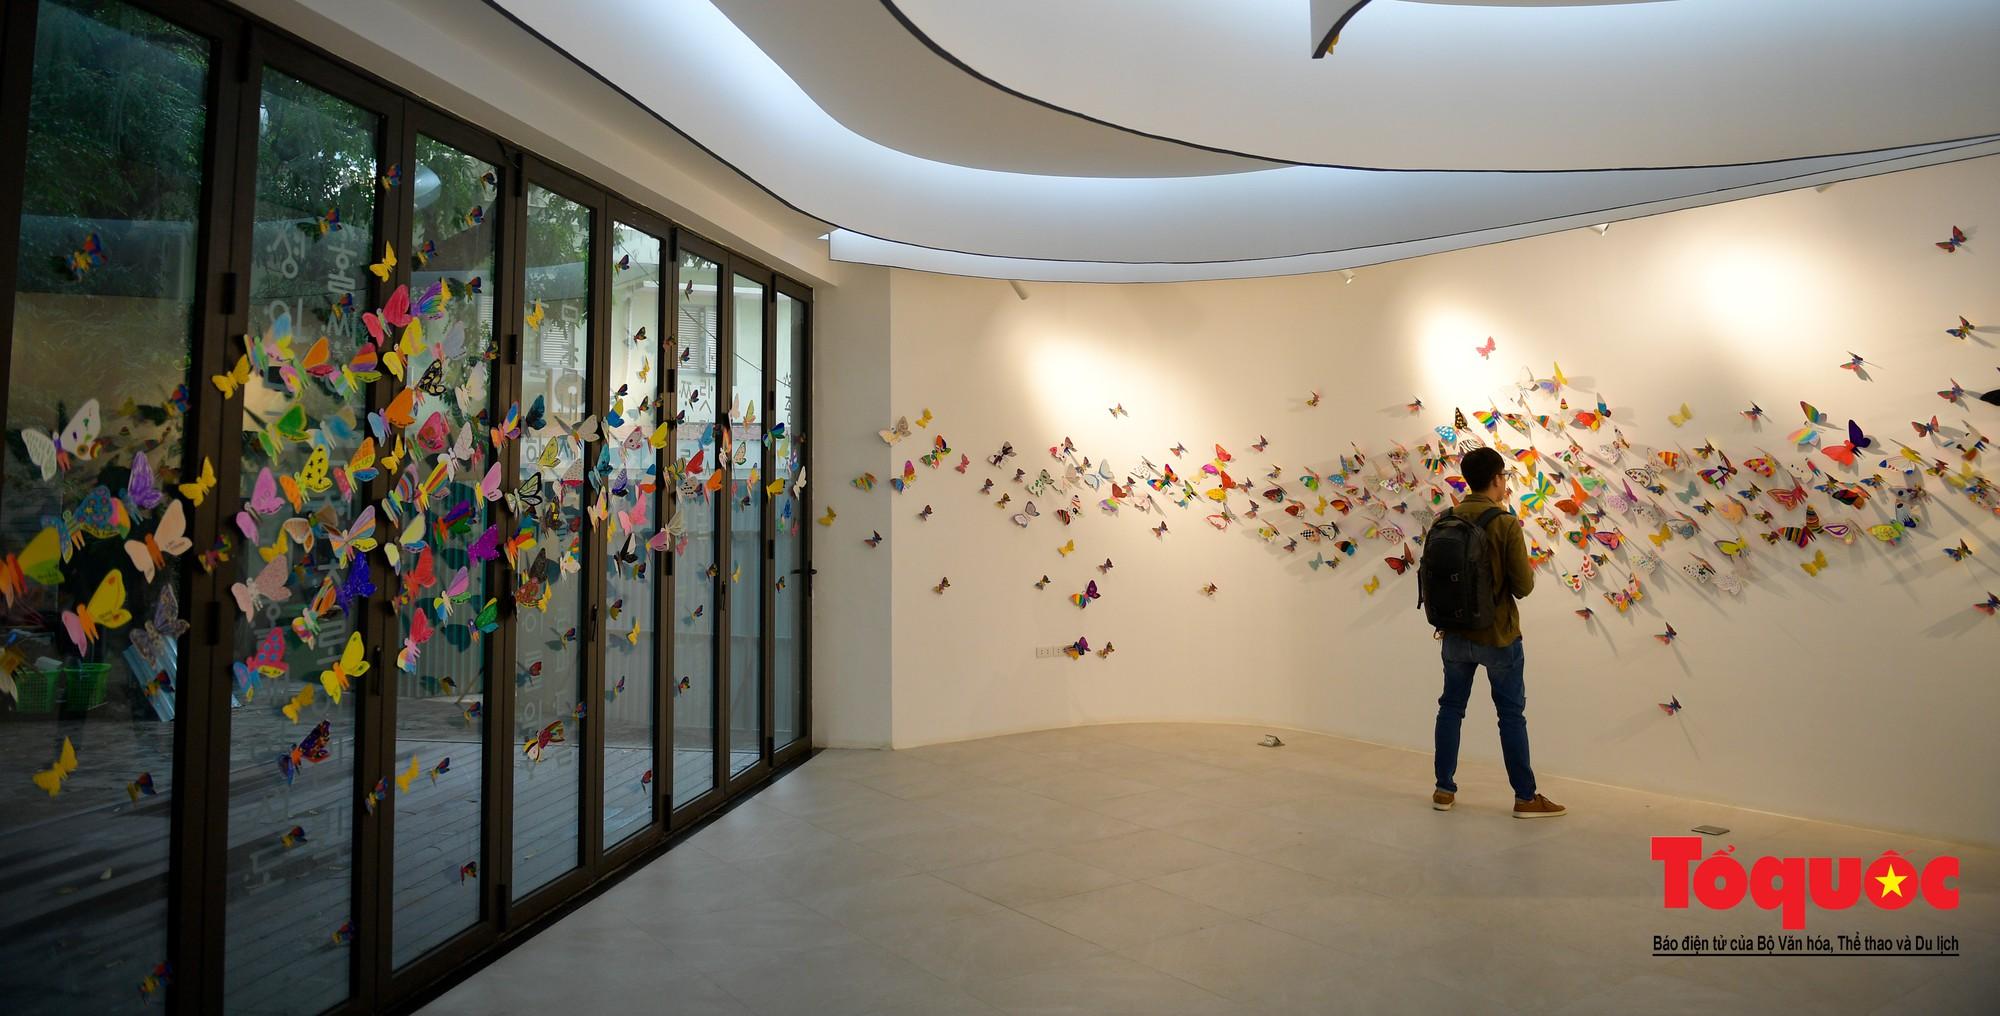 Hàng ngàn cánh bướm mang thông điệp hoà bình giữa lòng Hà Nội3